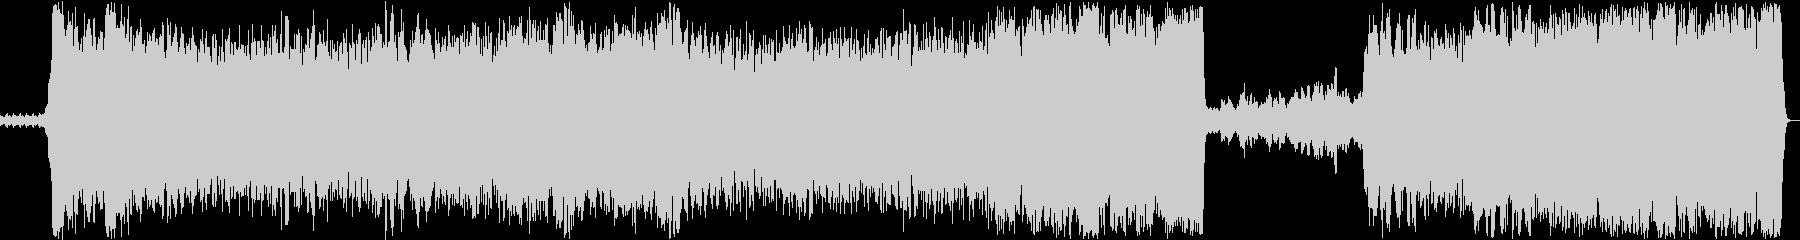 オーケストラ リズミカル 伸びやか 高揚の未再生の波形